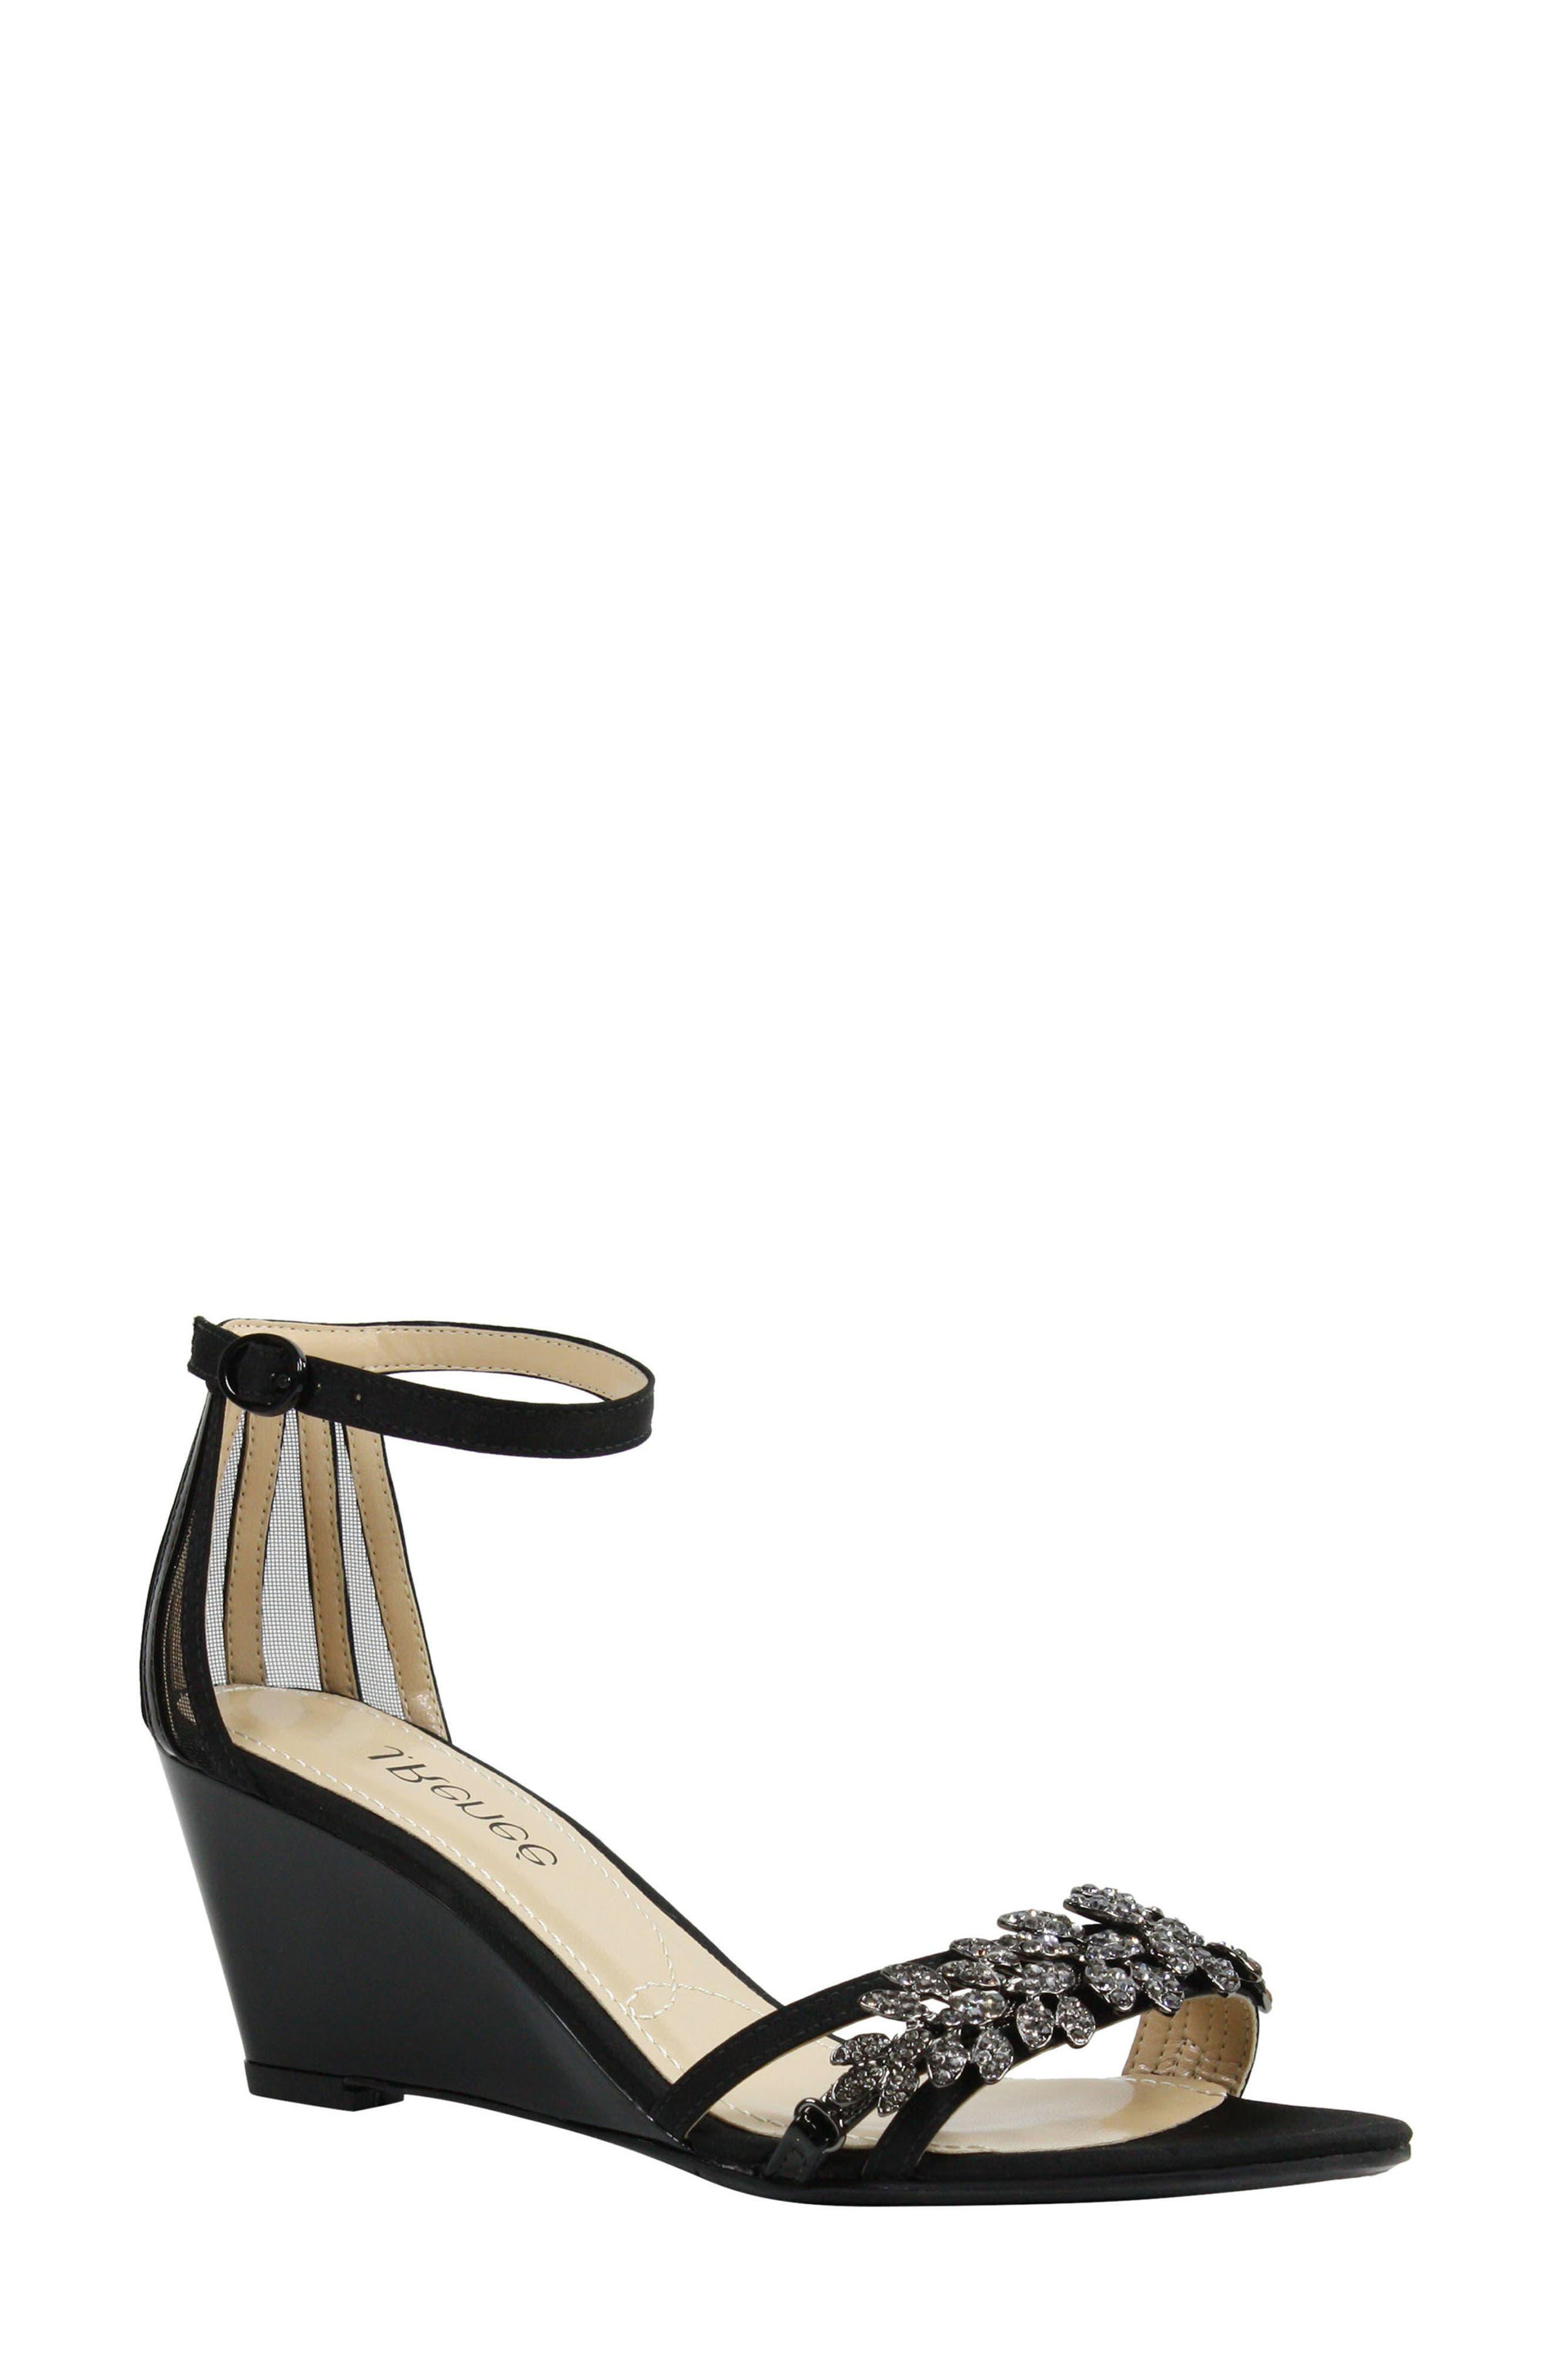 Mariabelle Ankle Strap Sandal,                             Main thumbnail 1, color,                             BLACK